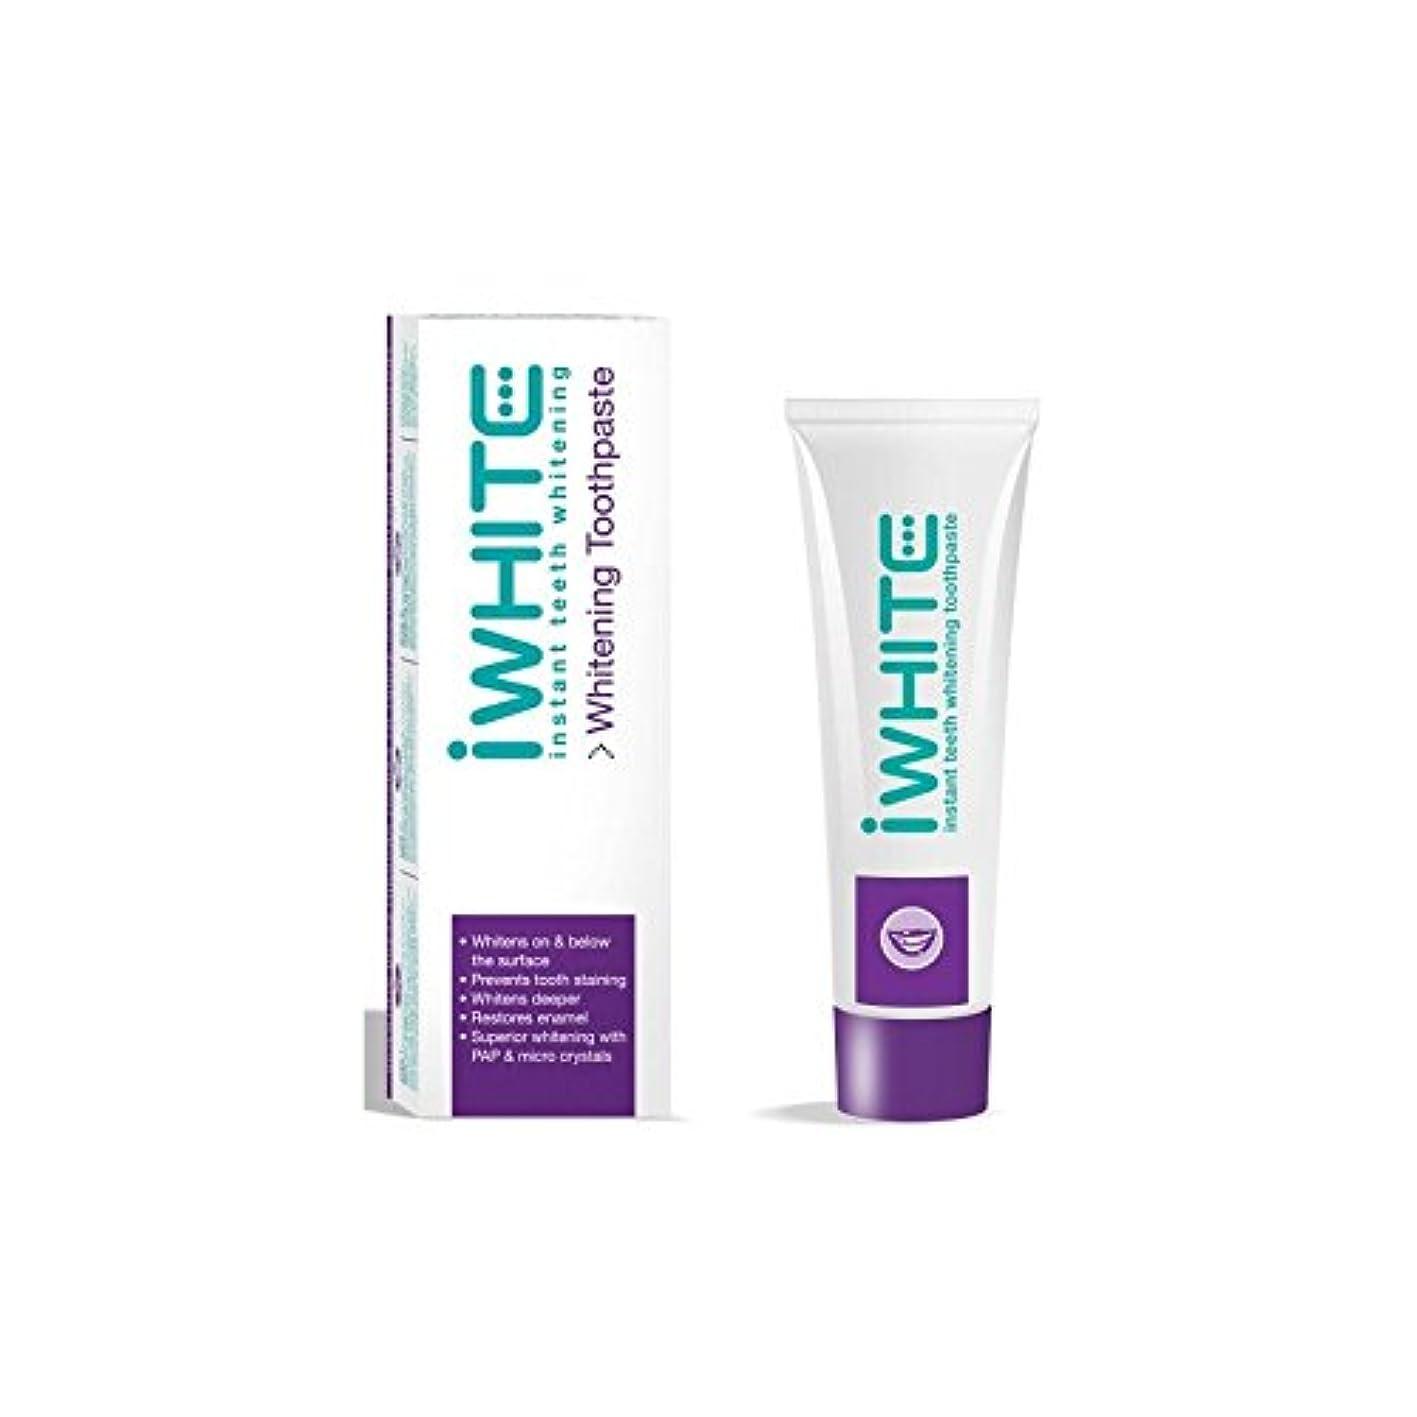 参照スタウトサッカー歯磨き粉を白くインスタント歯(75ミリリットル) x2 - iWhite Instant Teeth Whitening Toothpaste (75ml) (Pack of 2) [並行輸入品]